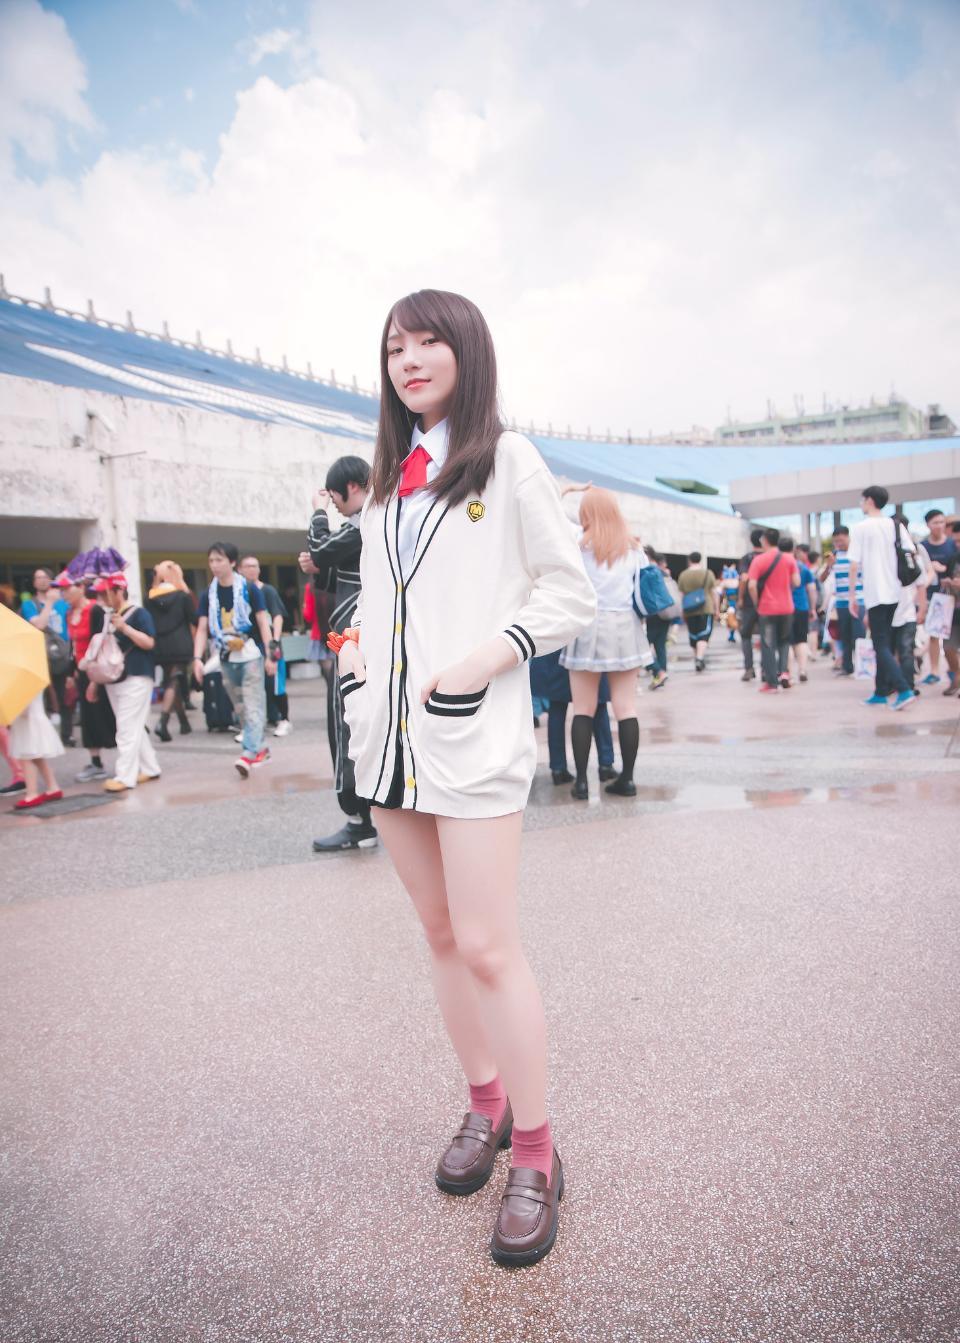 动漫角色扮演服装可爱的日本女孩